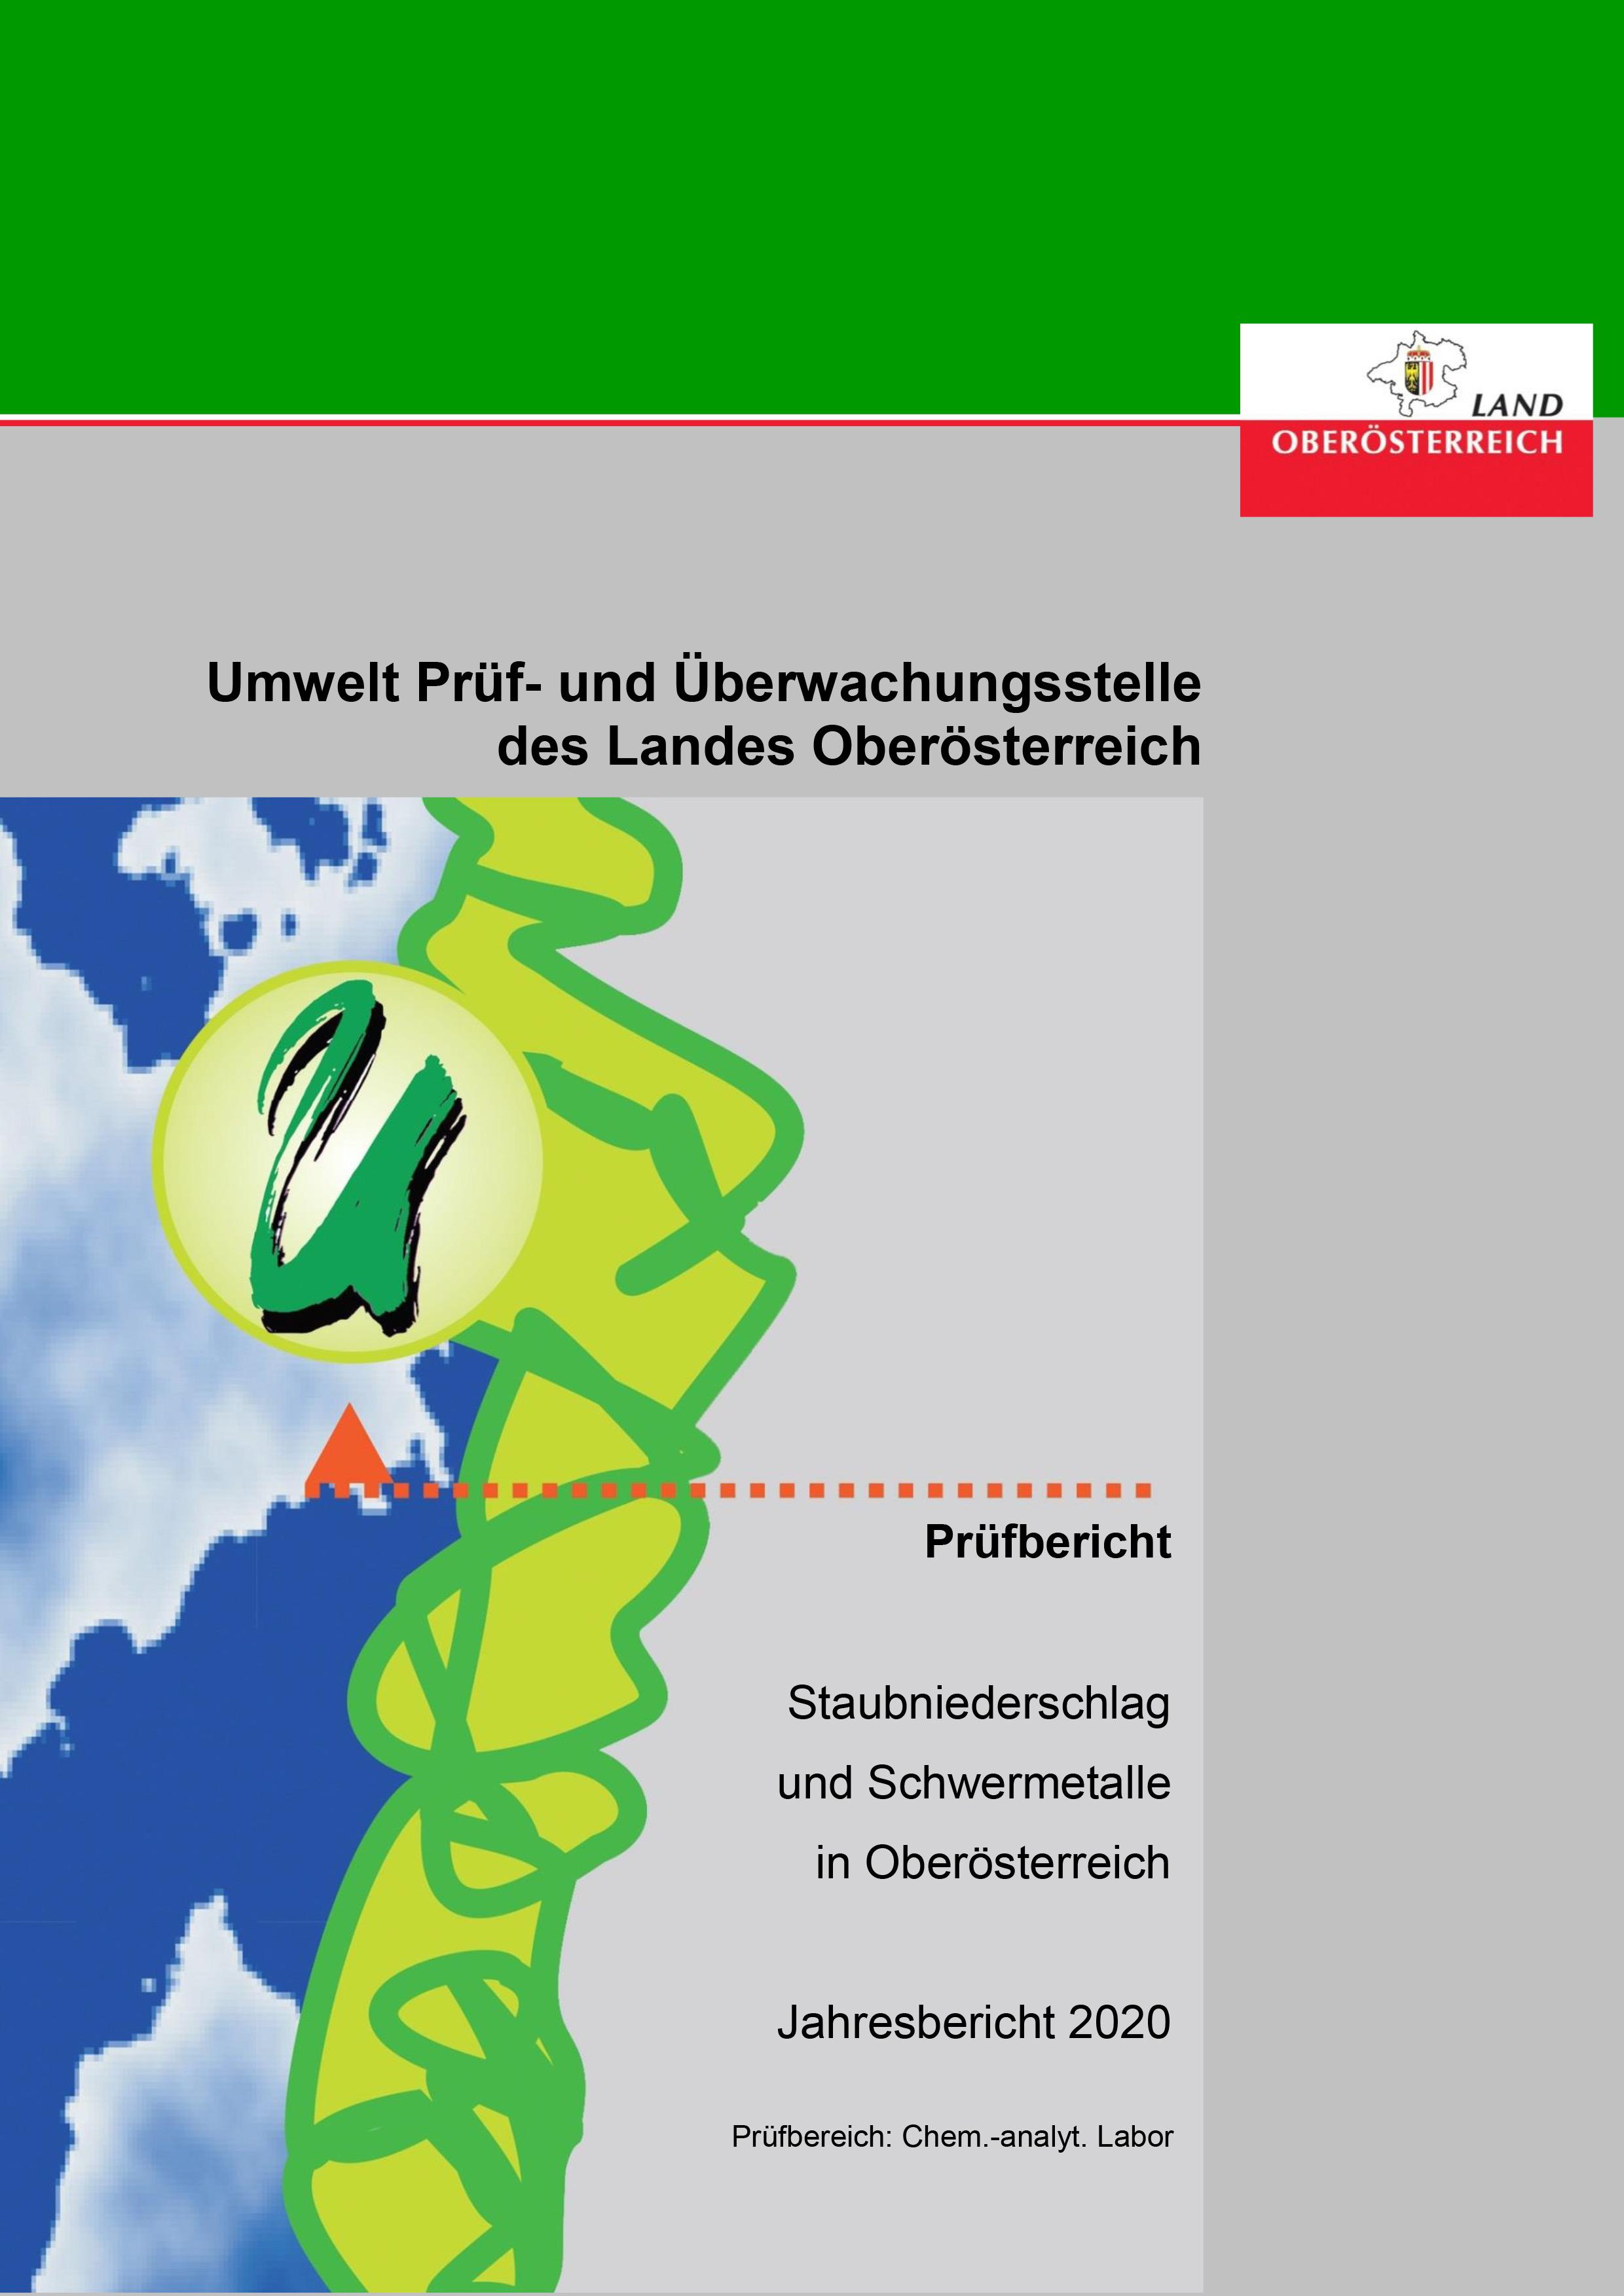 Staubniederschlag und Schwermetalle in Oberösterreich 2020